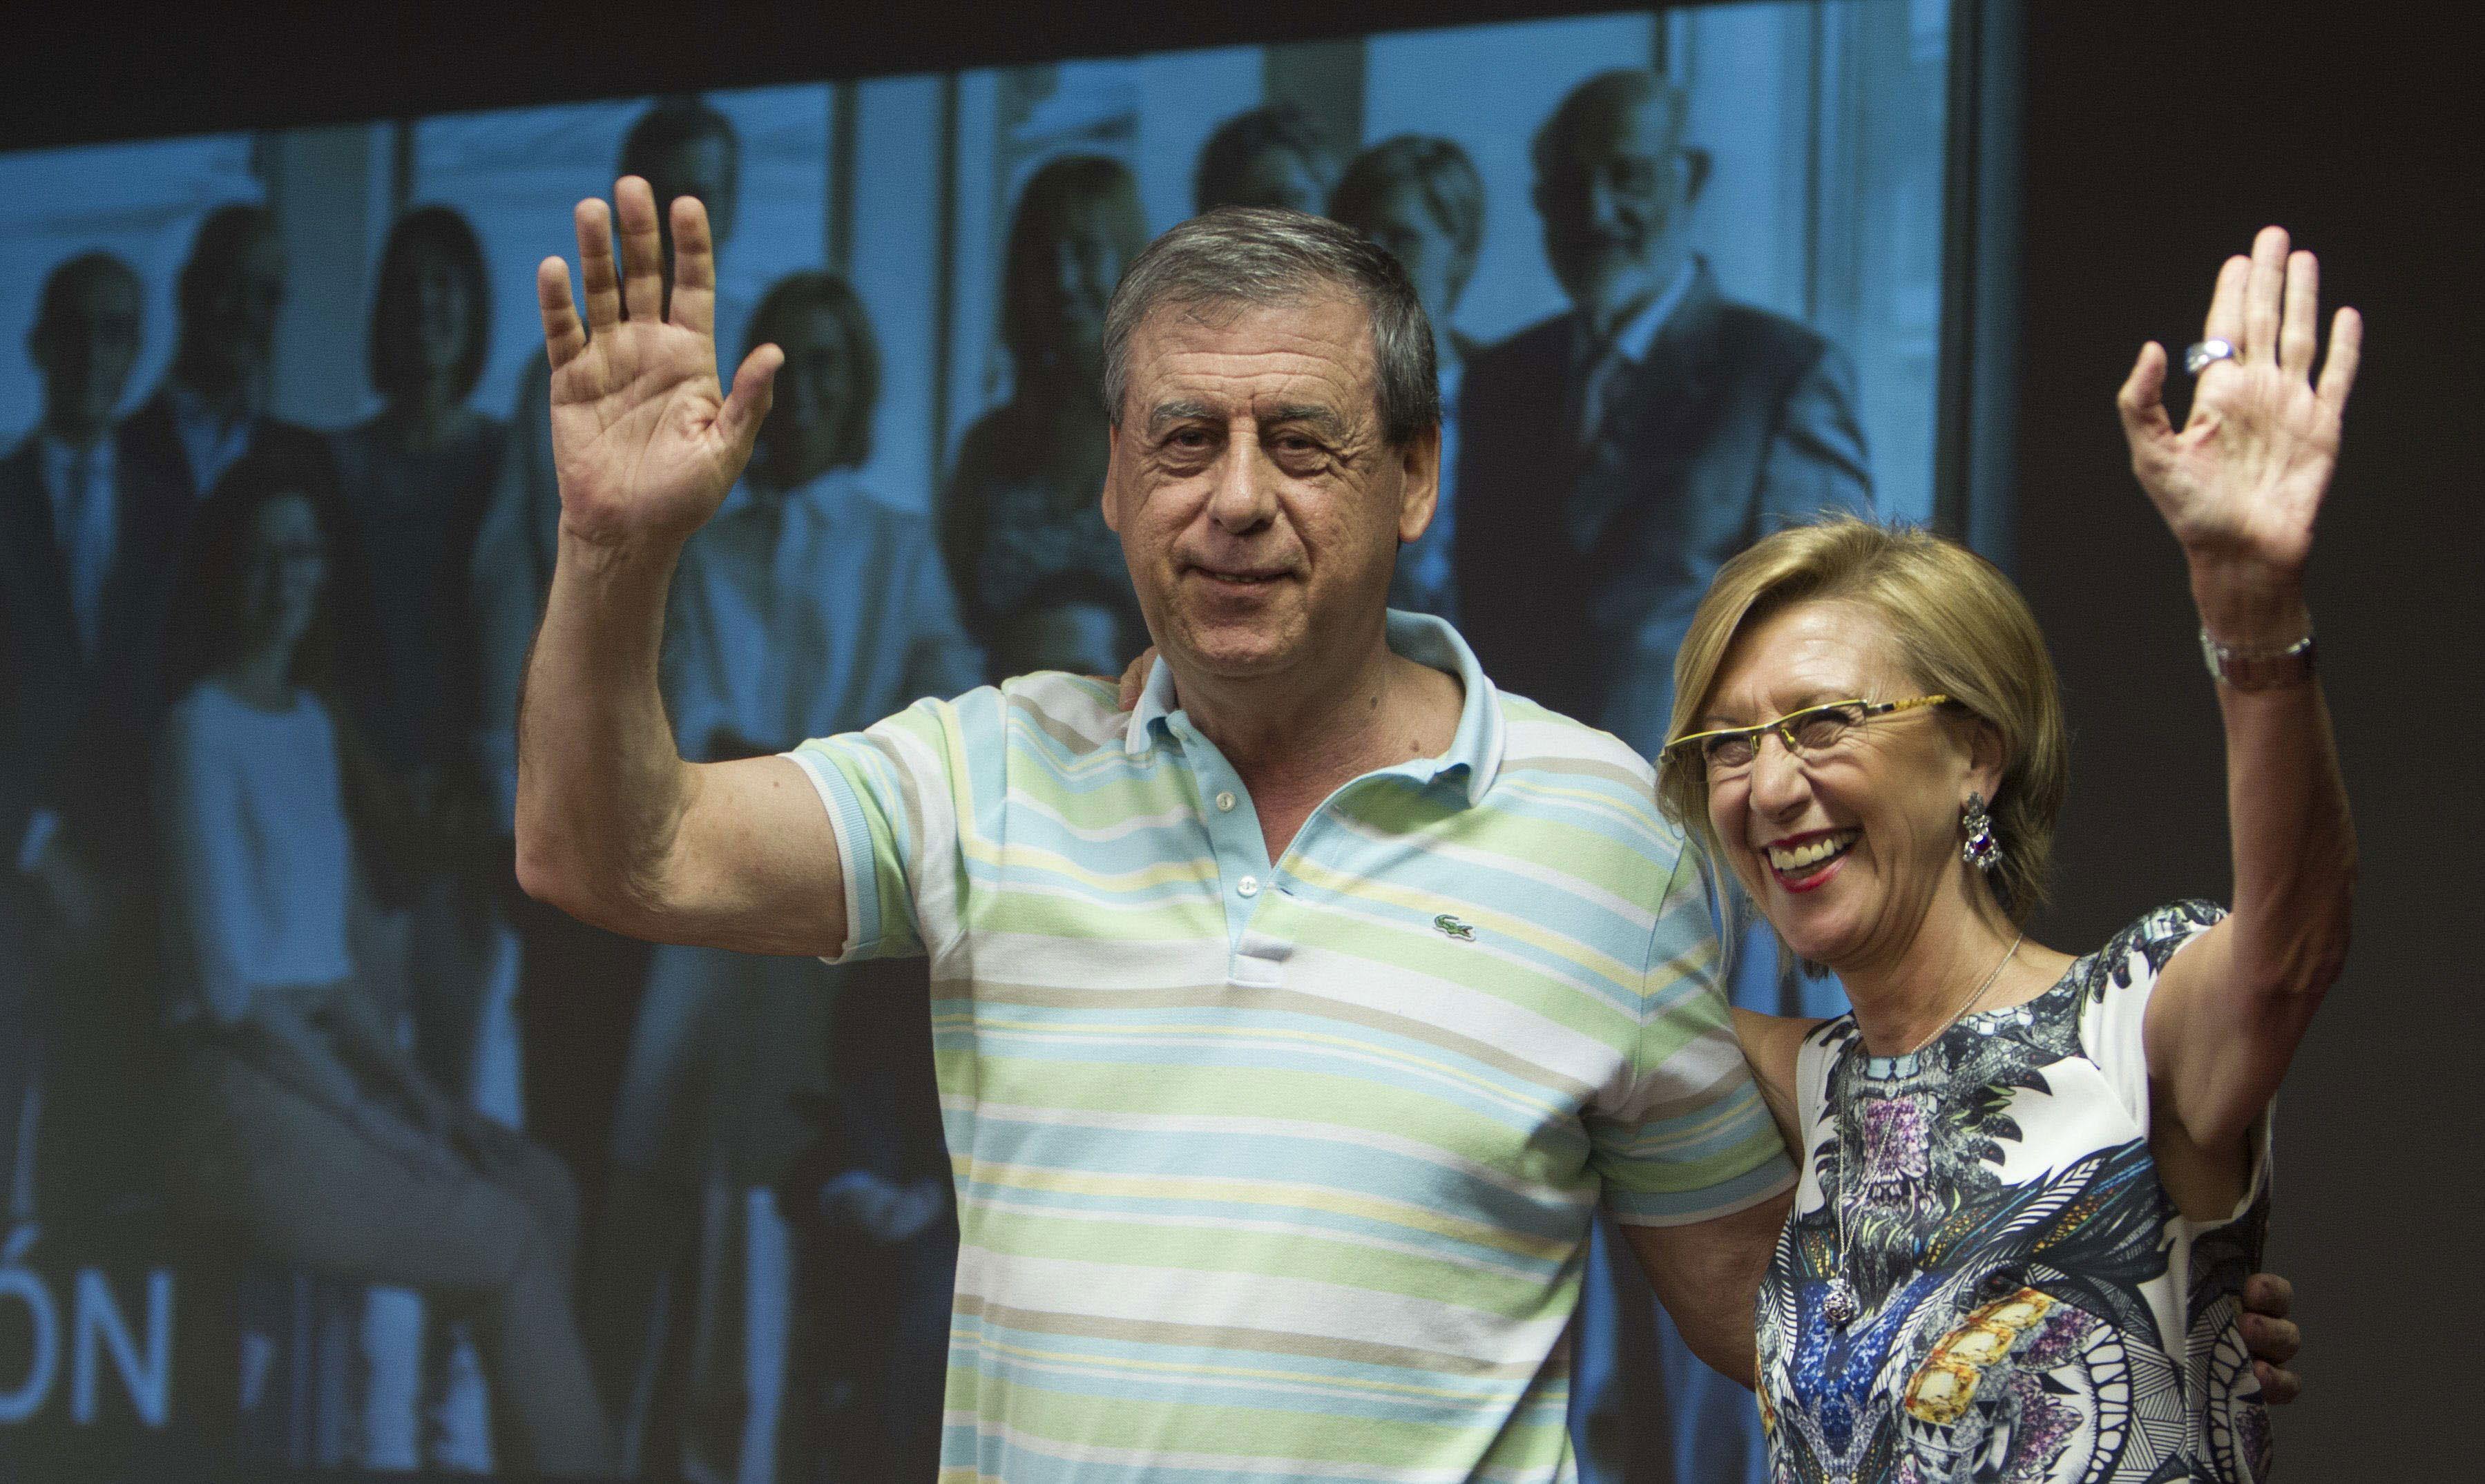 Rosa Díez haciendo campaña para las Elecciones Europeas antes de que Ciudadanos se interpusiese entre los dos | Foto: EFE